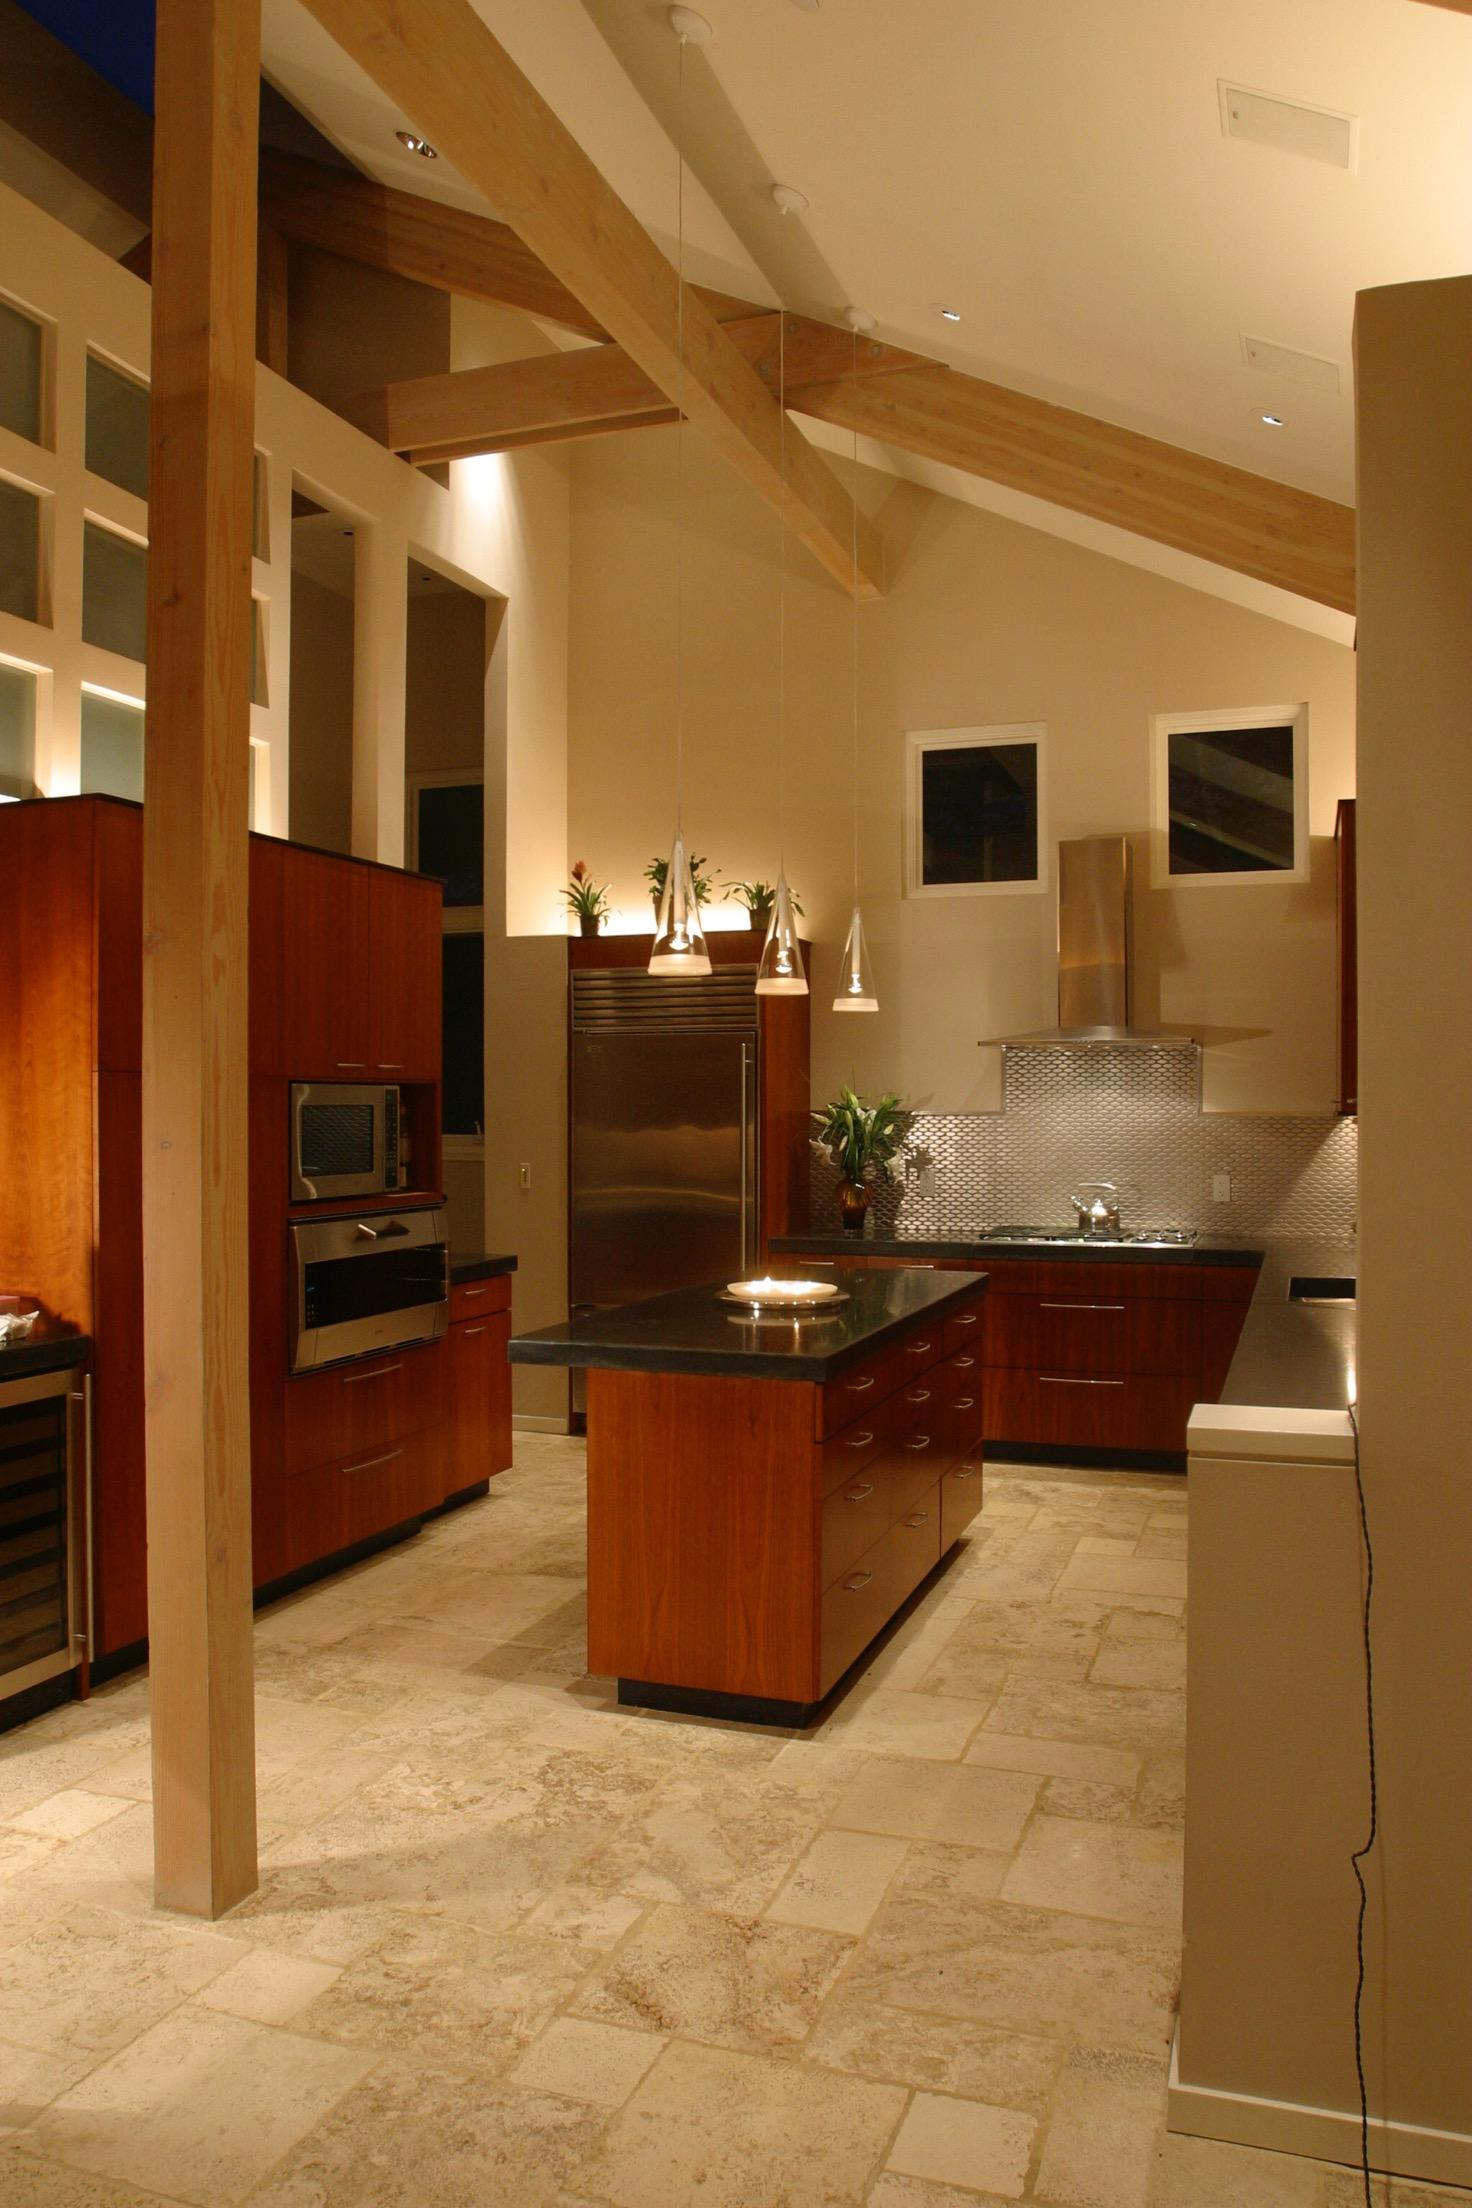 Mill valley kitchen.JPG